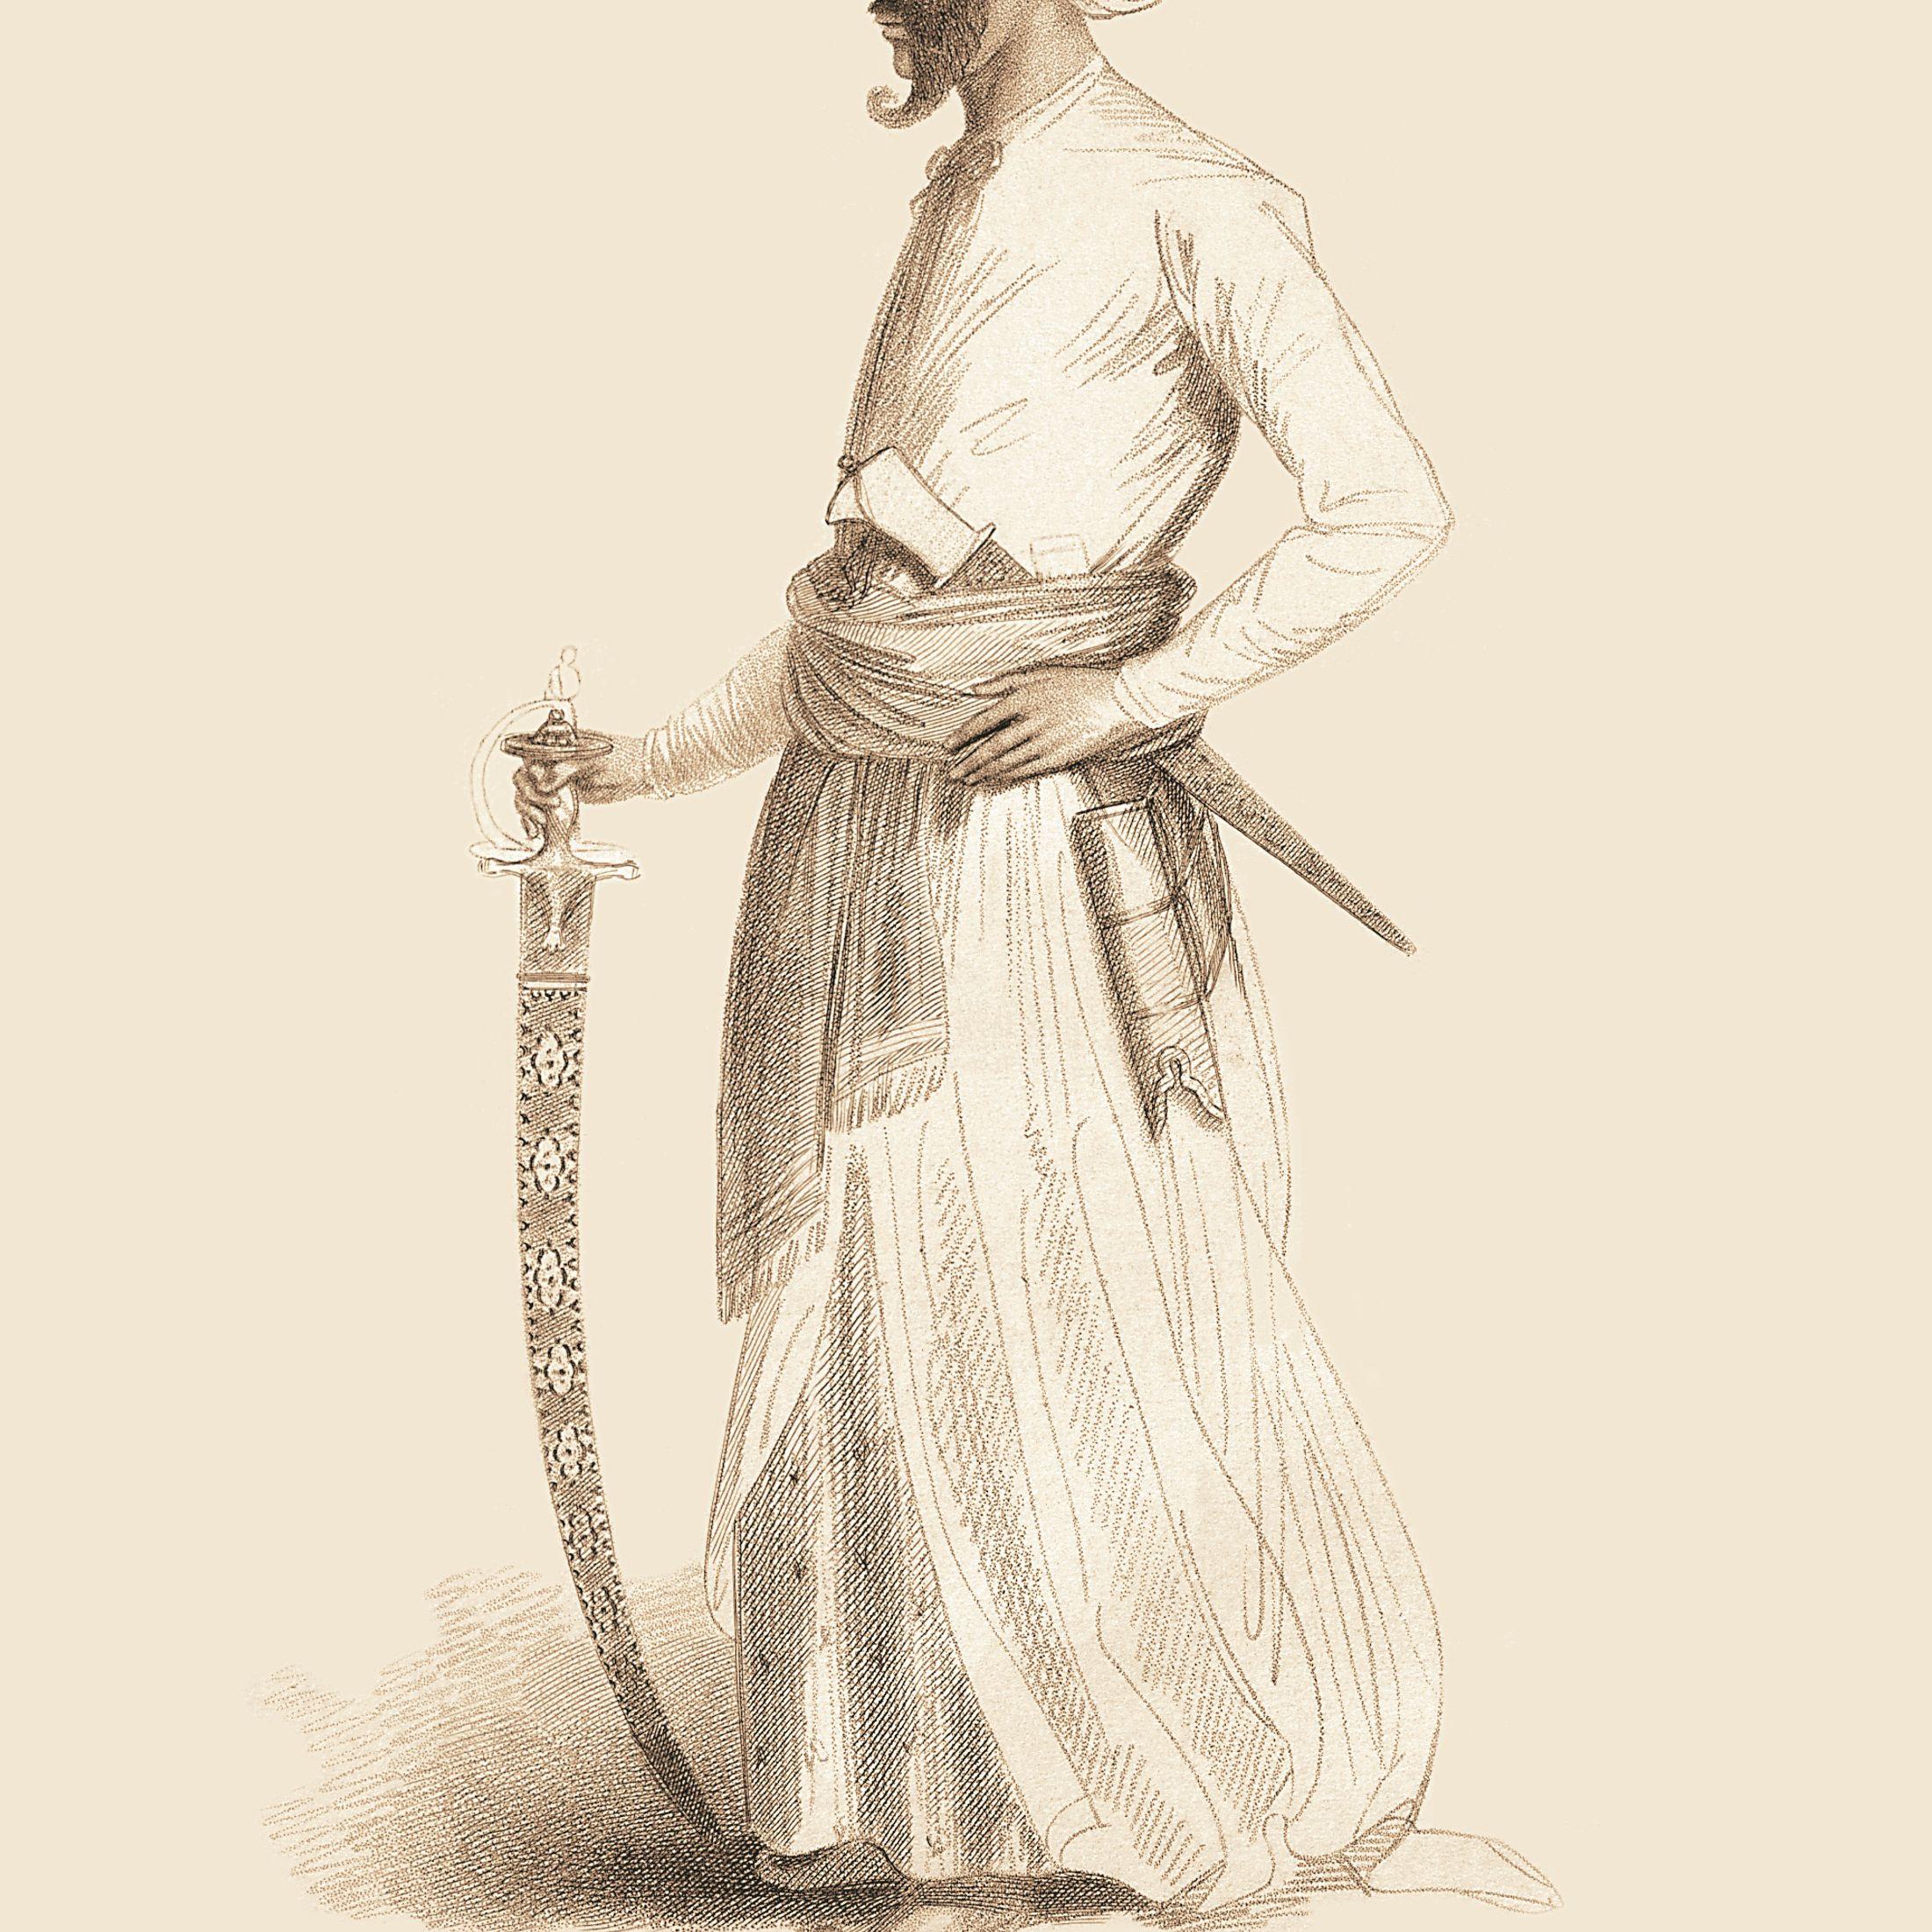 Mohman Khaun, Nabob of Cambay